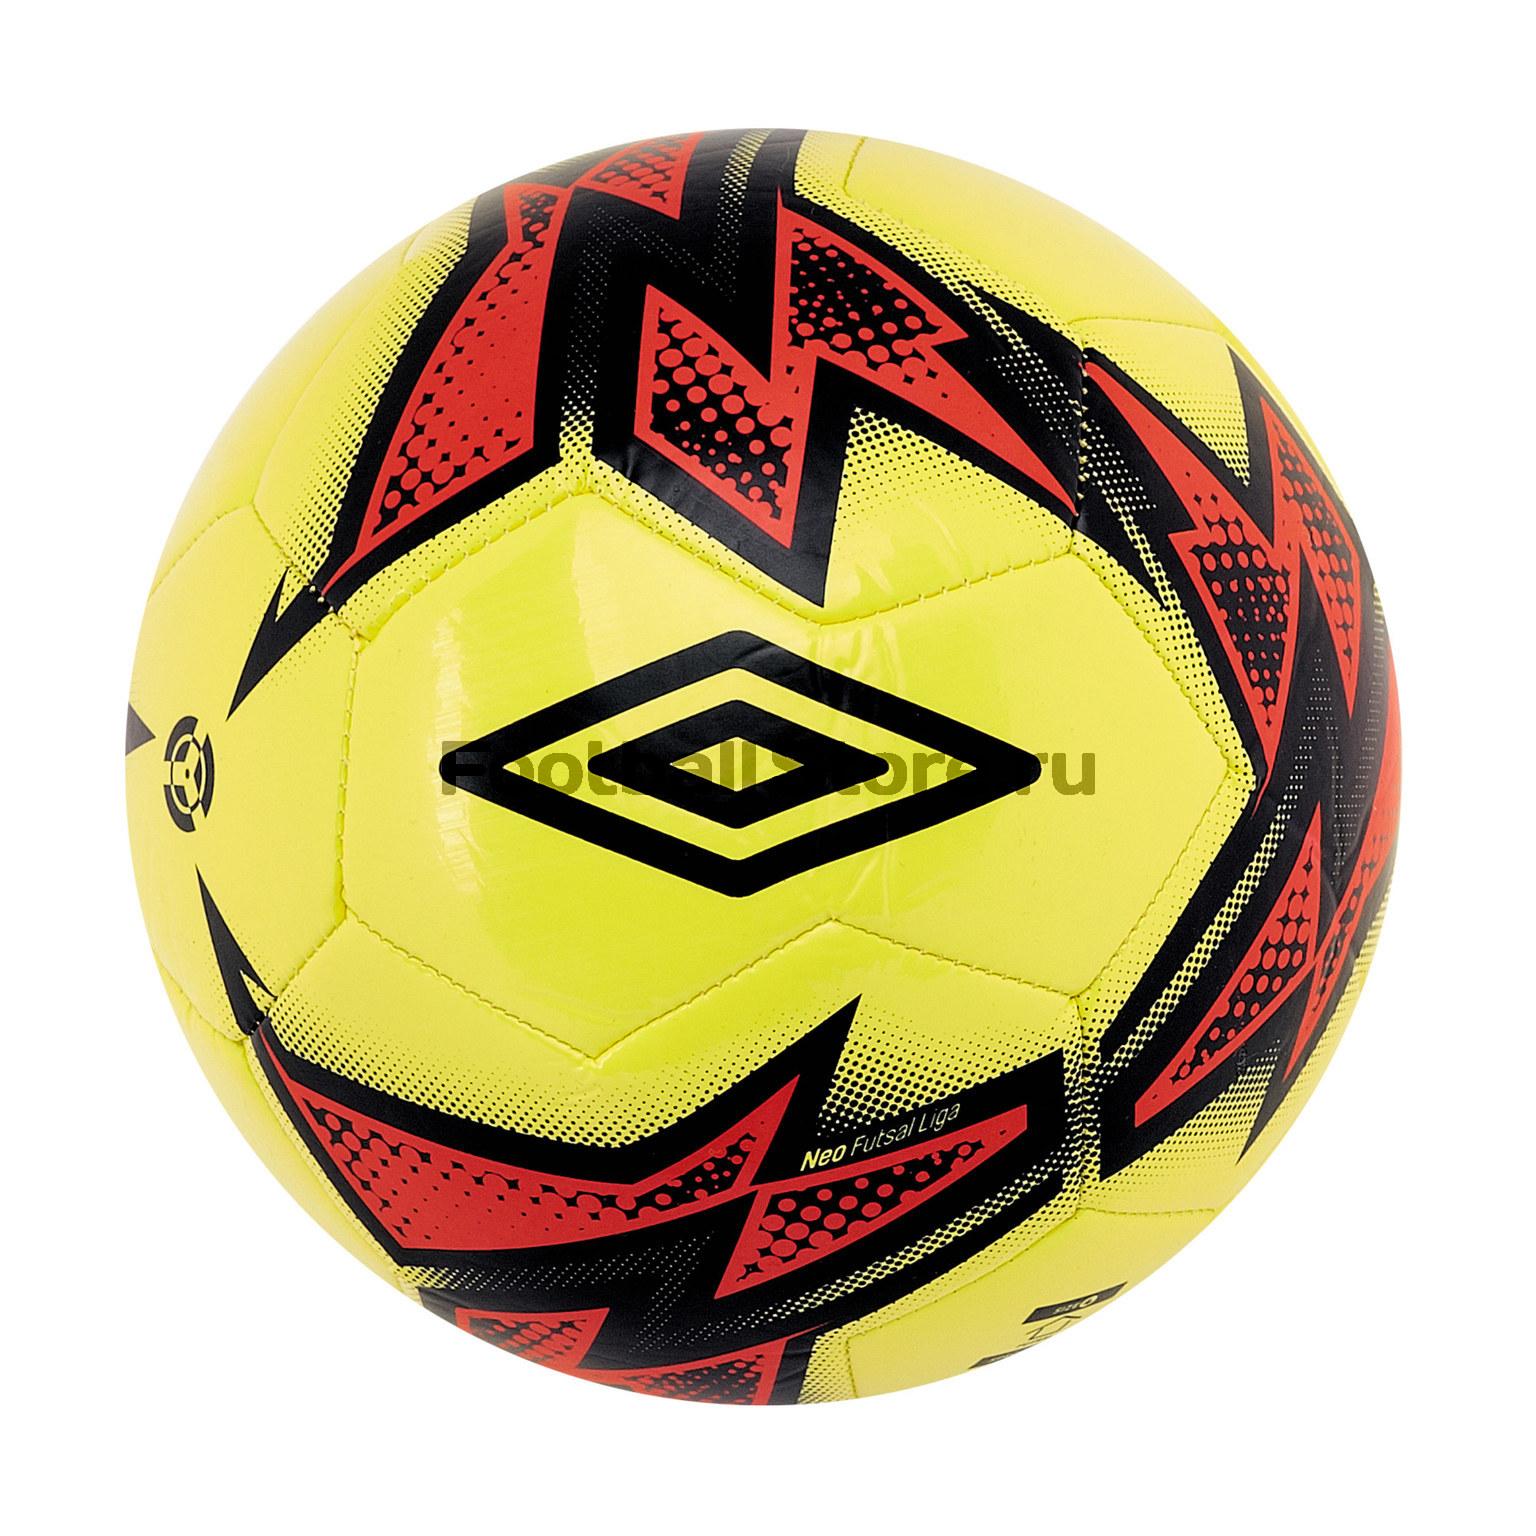 Футзальный мяч Umbro Neo Futsal Liga 20871U мяч футзальный mitre futsal tempest